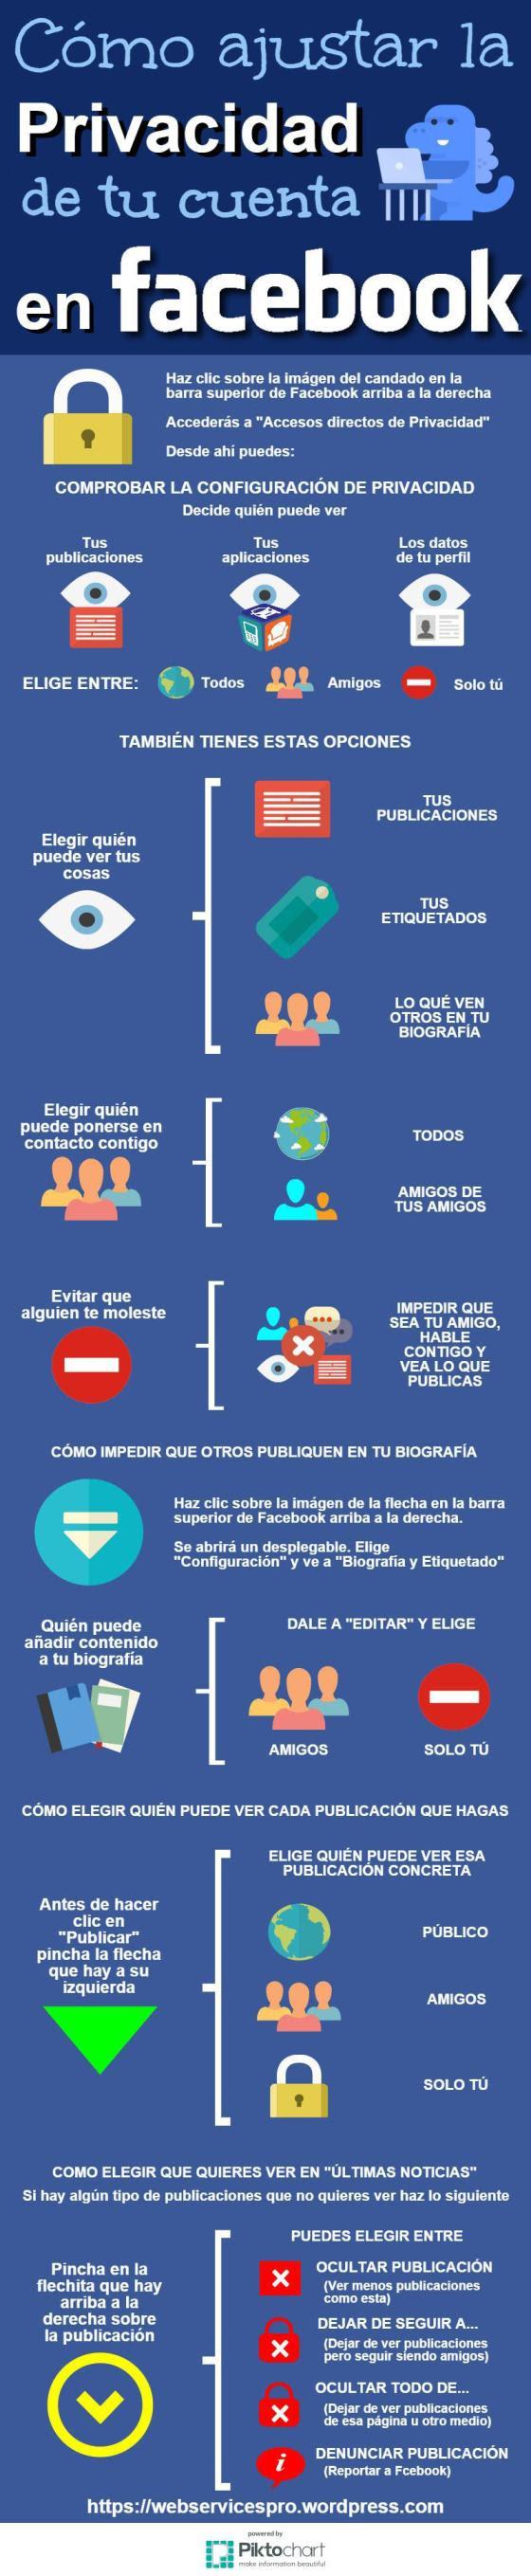 Cómo ajustar la privacidad de tu cuenta en Facebook